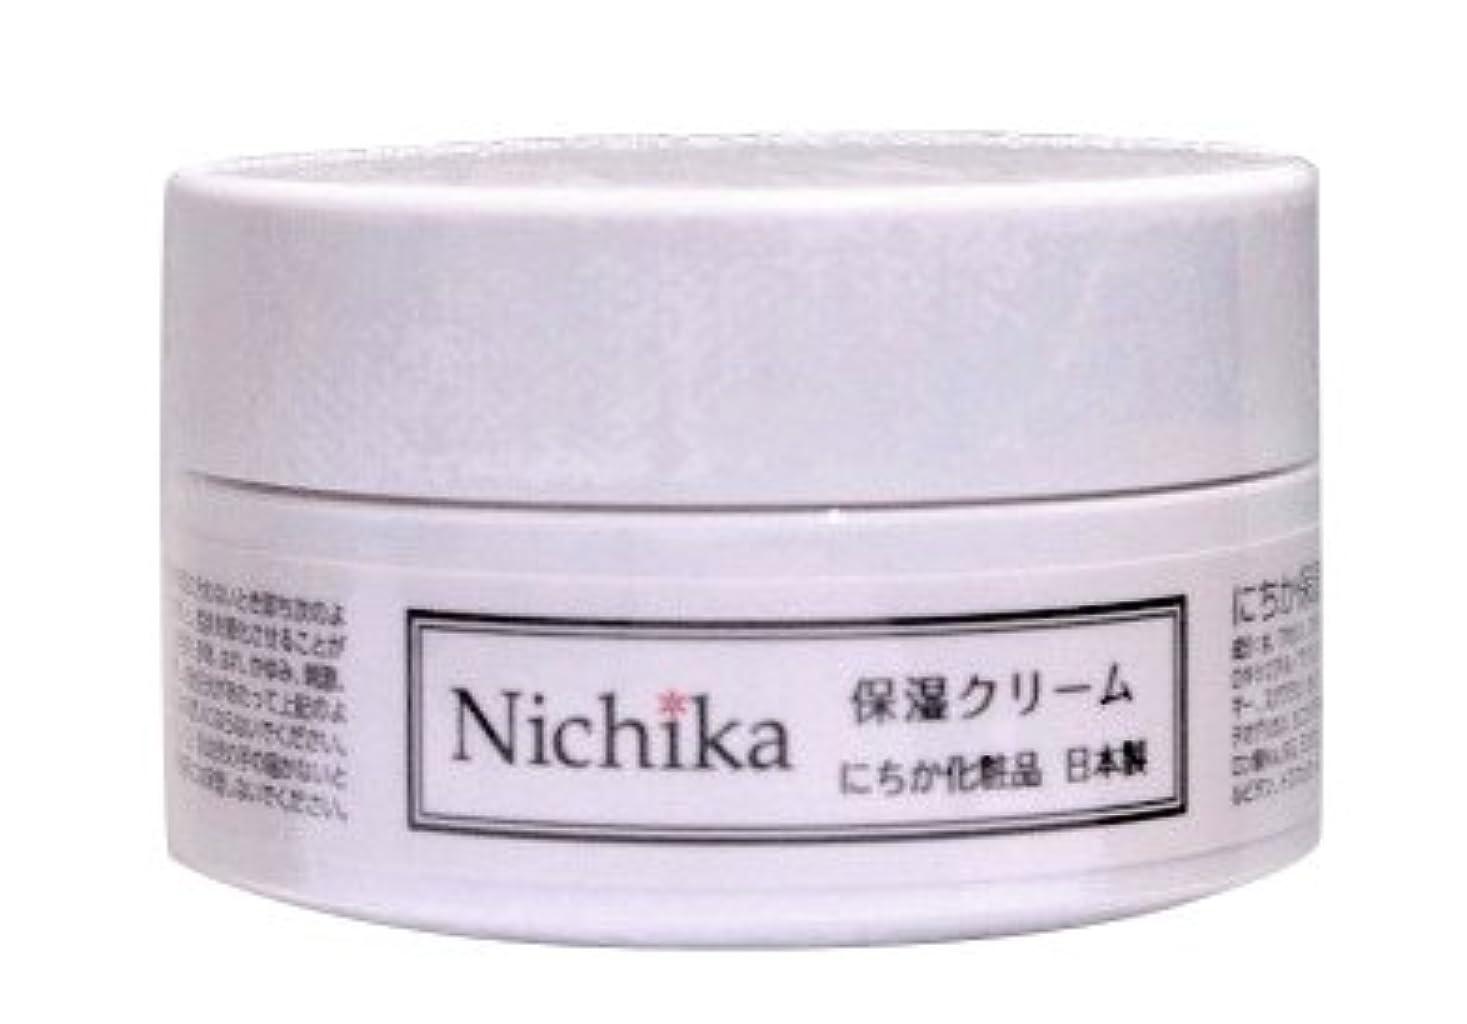 機構疎外する文字通りにちか保湿クリーム  内容量30g 日本製  『ワンランク上の潤いハリ肌』を『リーズナブル』に。  ヒアルロン酸の1.3倍の保水力があるプロテオグリカン配合。 しっとりなじみ,成分がじんわり角質層に浸透 お肌に「ふた」をして潤いを守り、乾燥からお肌を守ります。肌バリア力を強化。「健康肌」をつくり、刺激や紫外線から角質層より深い位置の肌を守ります。 さっぱりとした使用感なのにコクもあり肌に素早く浸透。肌馴染みが良く吸い付くような使用感は今よりワンランク上の肌を目指す方におススメです。